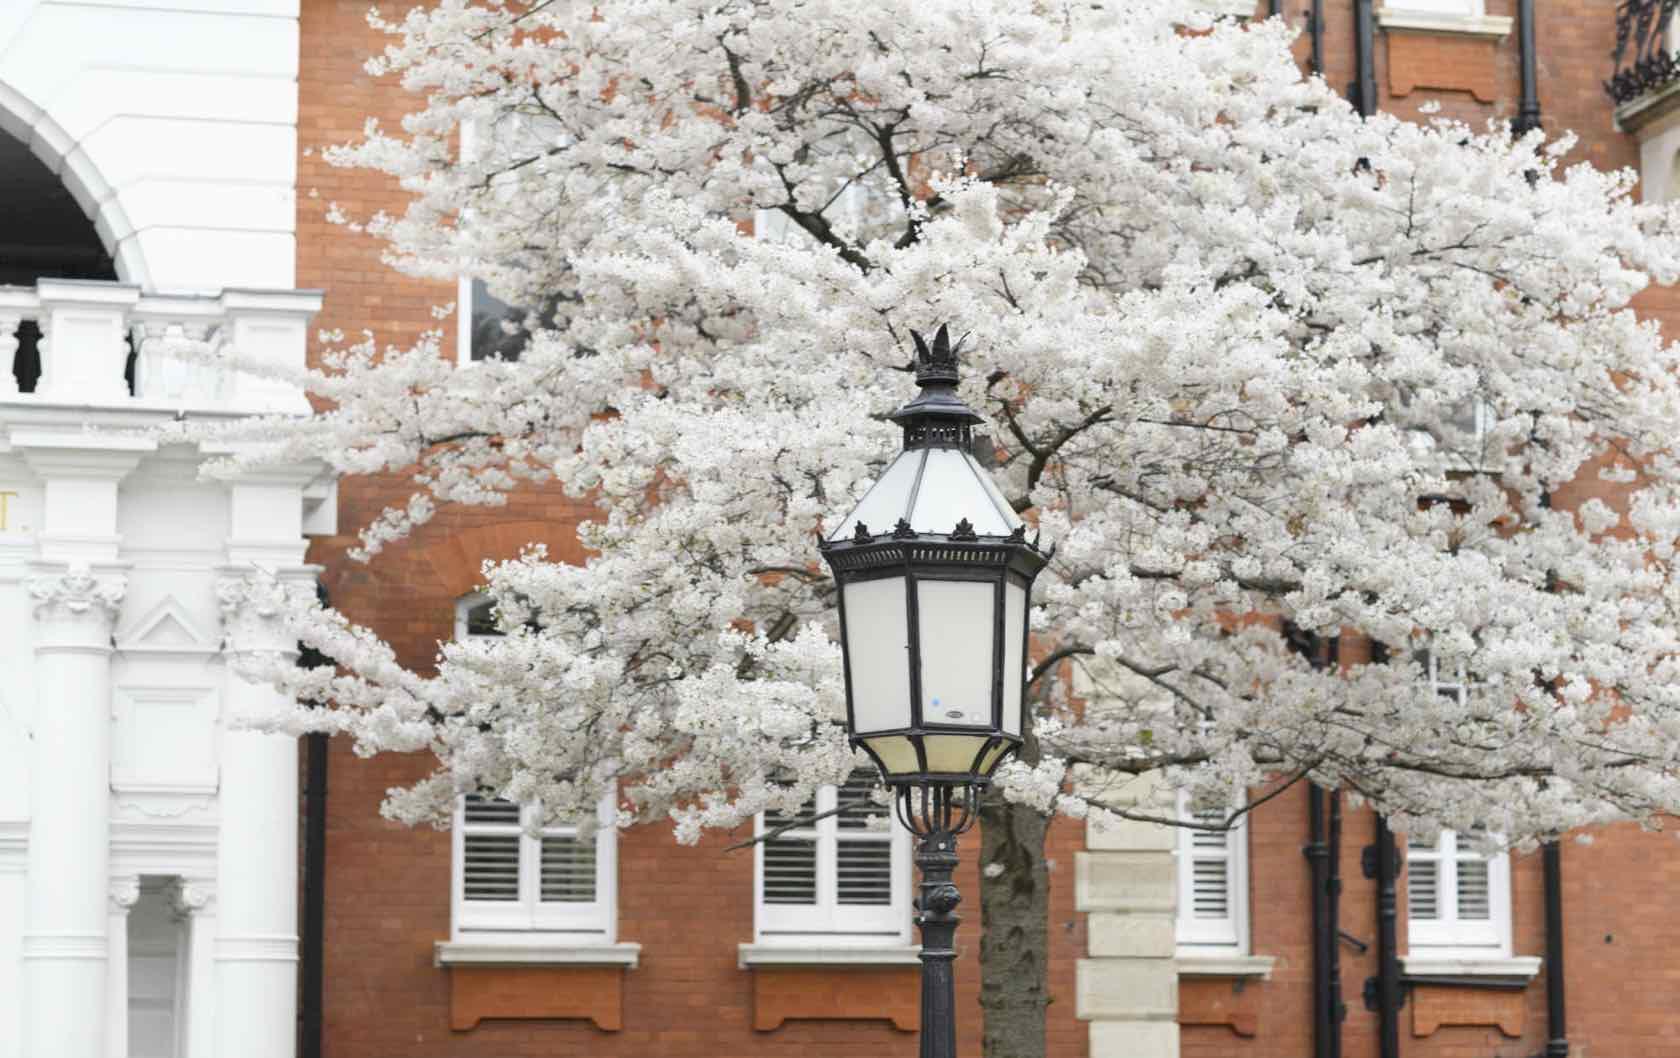 London in Springtime